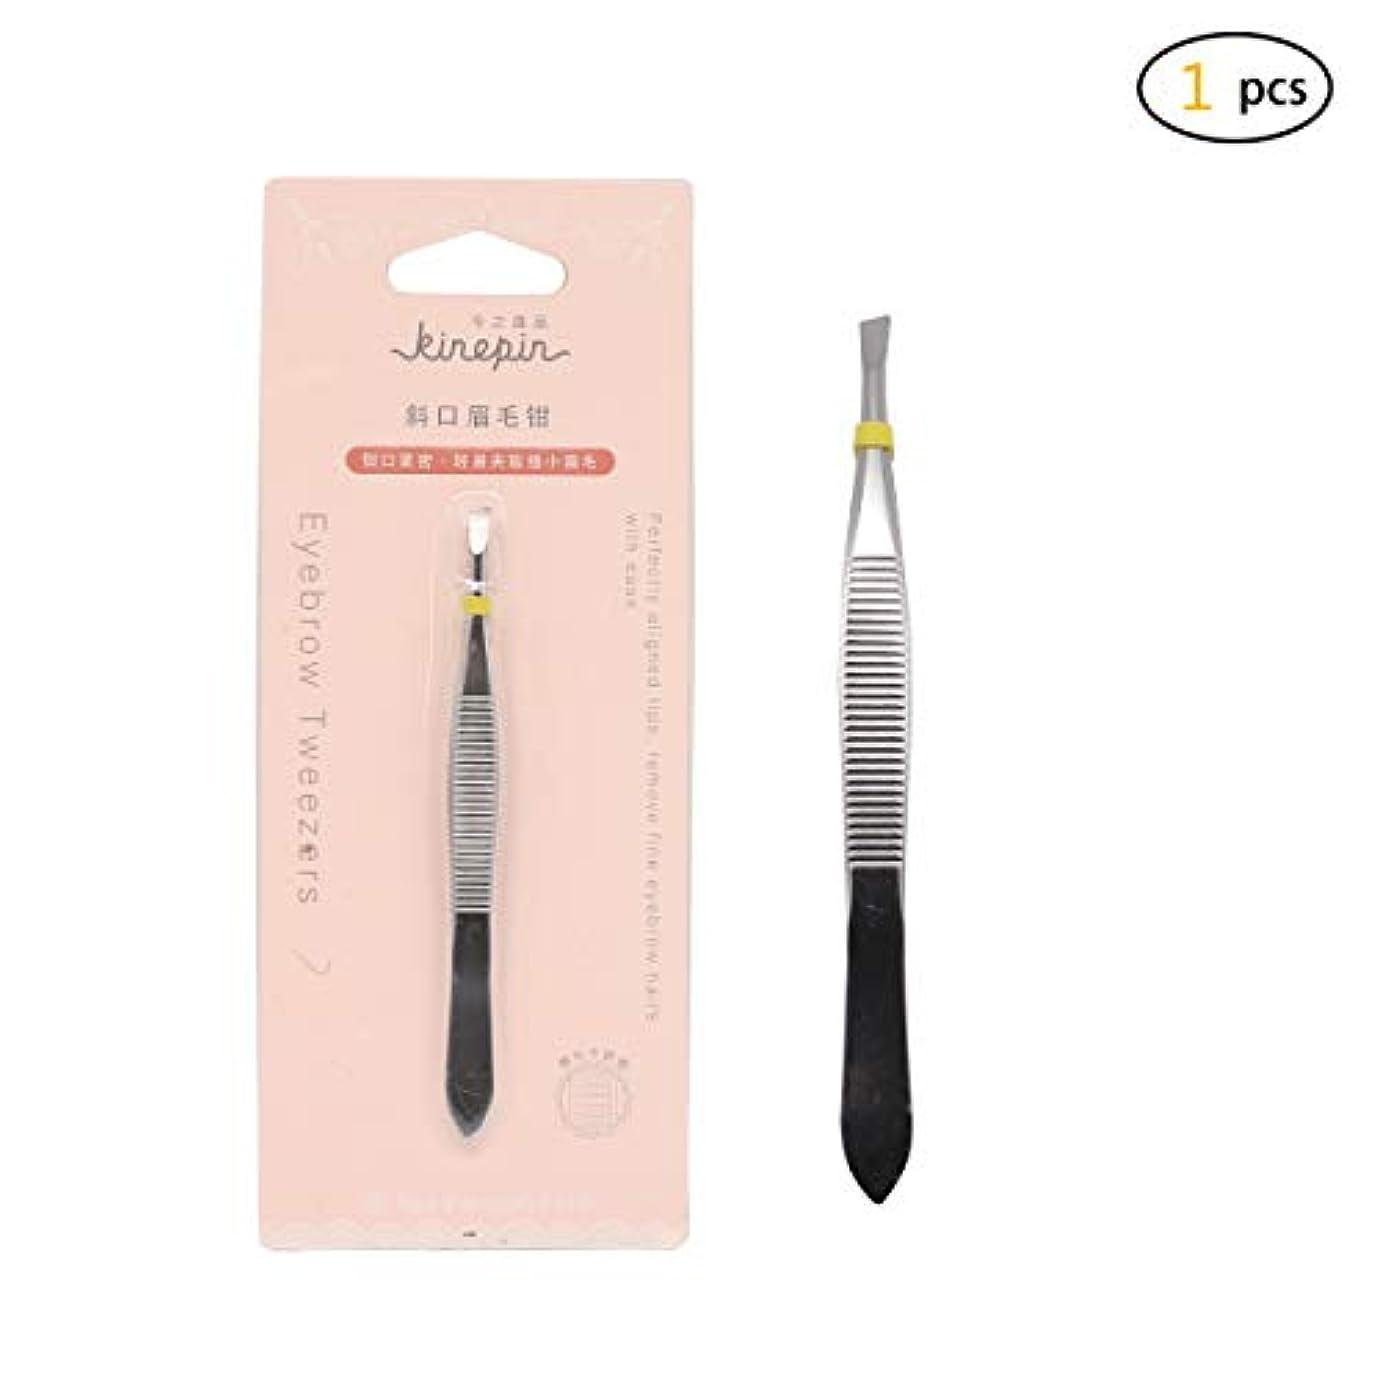 とは異なり塩血まみれのDofashピンセット1pcsステンレススチールの斜めの先端と尖った眉毛ピンセットセットフェイシャルヘア/イングレイトヘア、スプリンター、にきび、ダニリムーバーに最適な精度(シルバー)